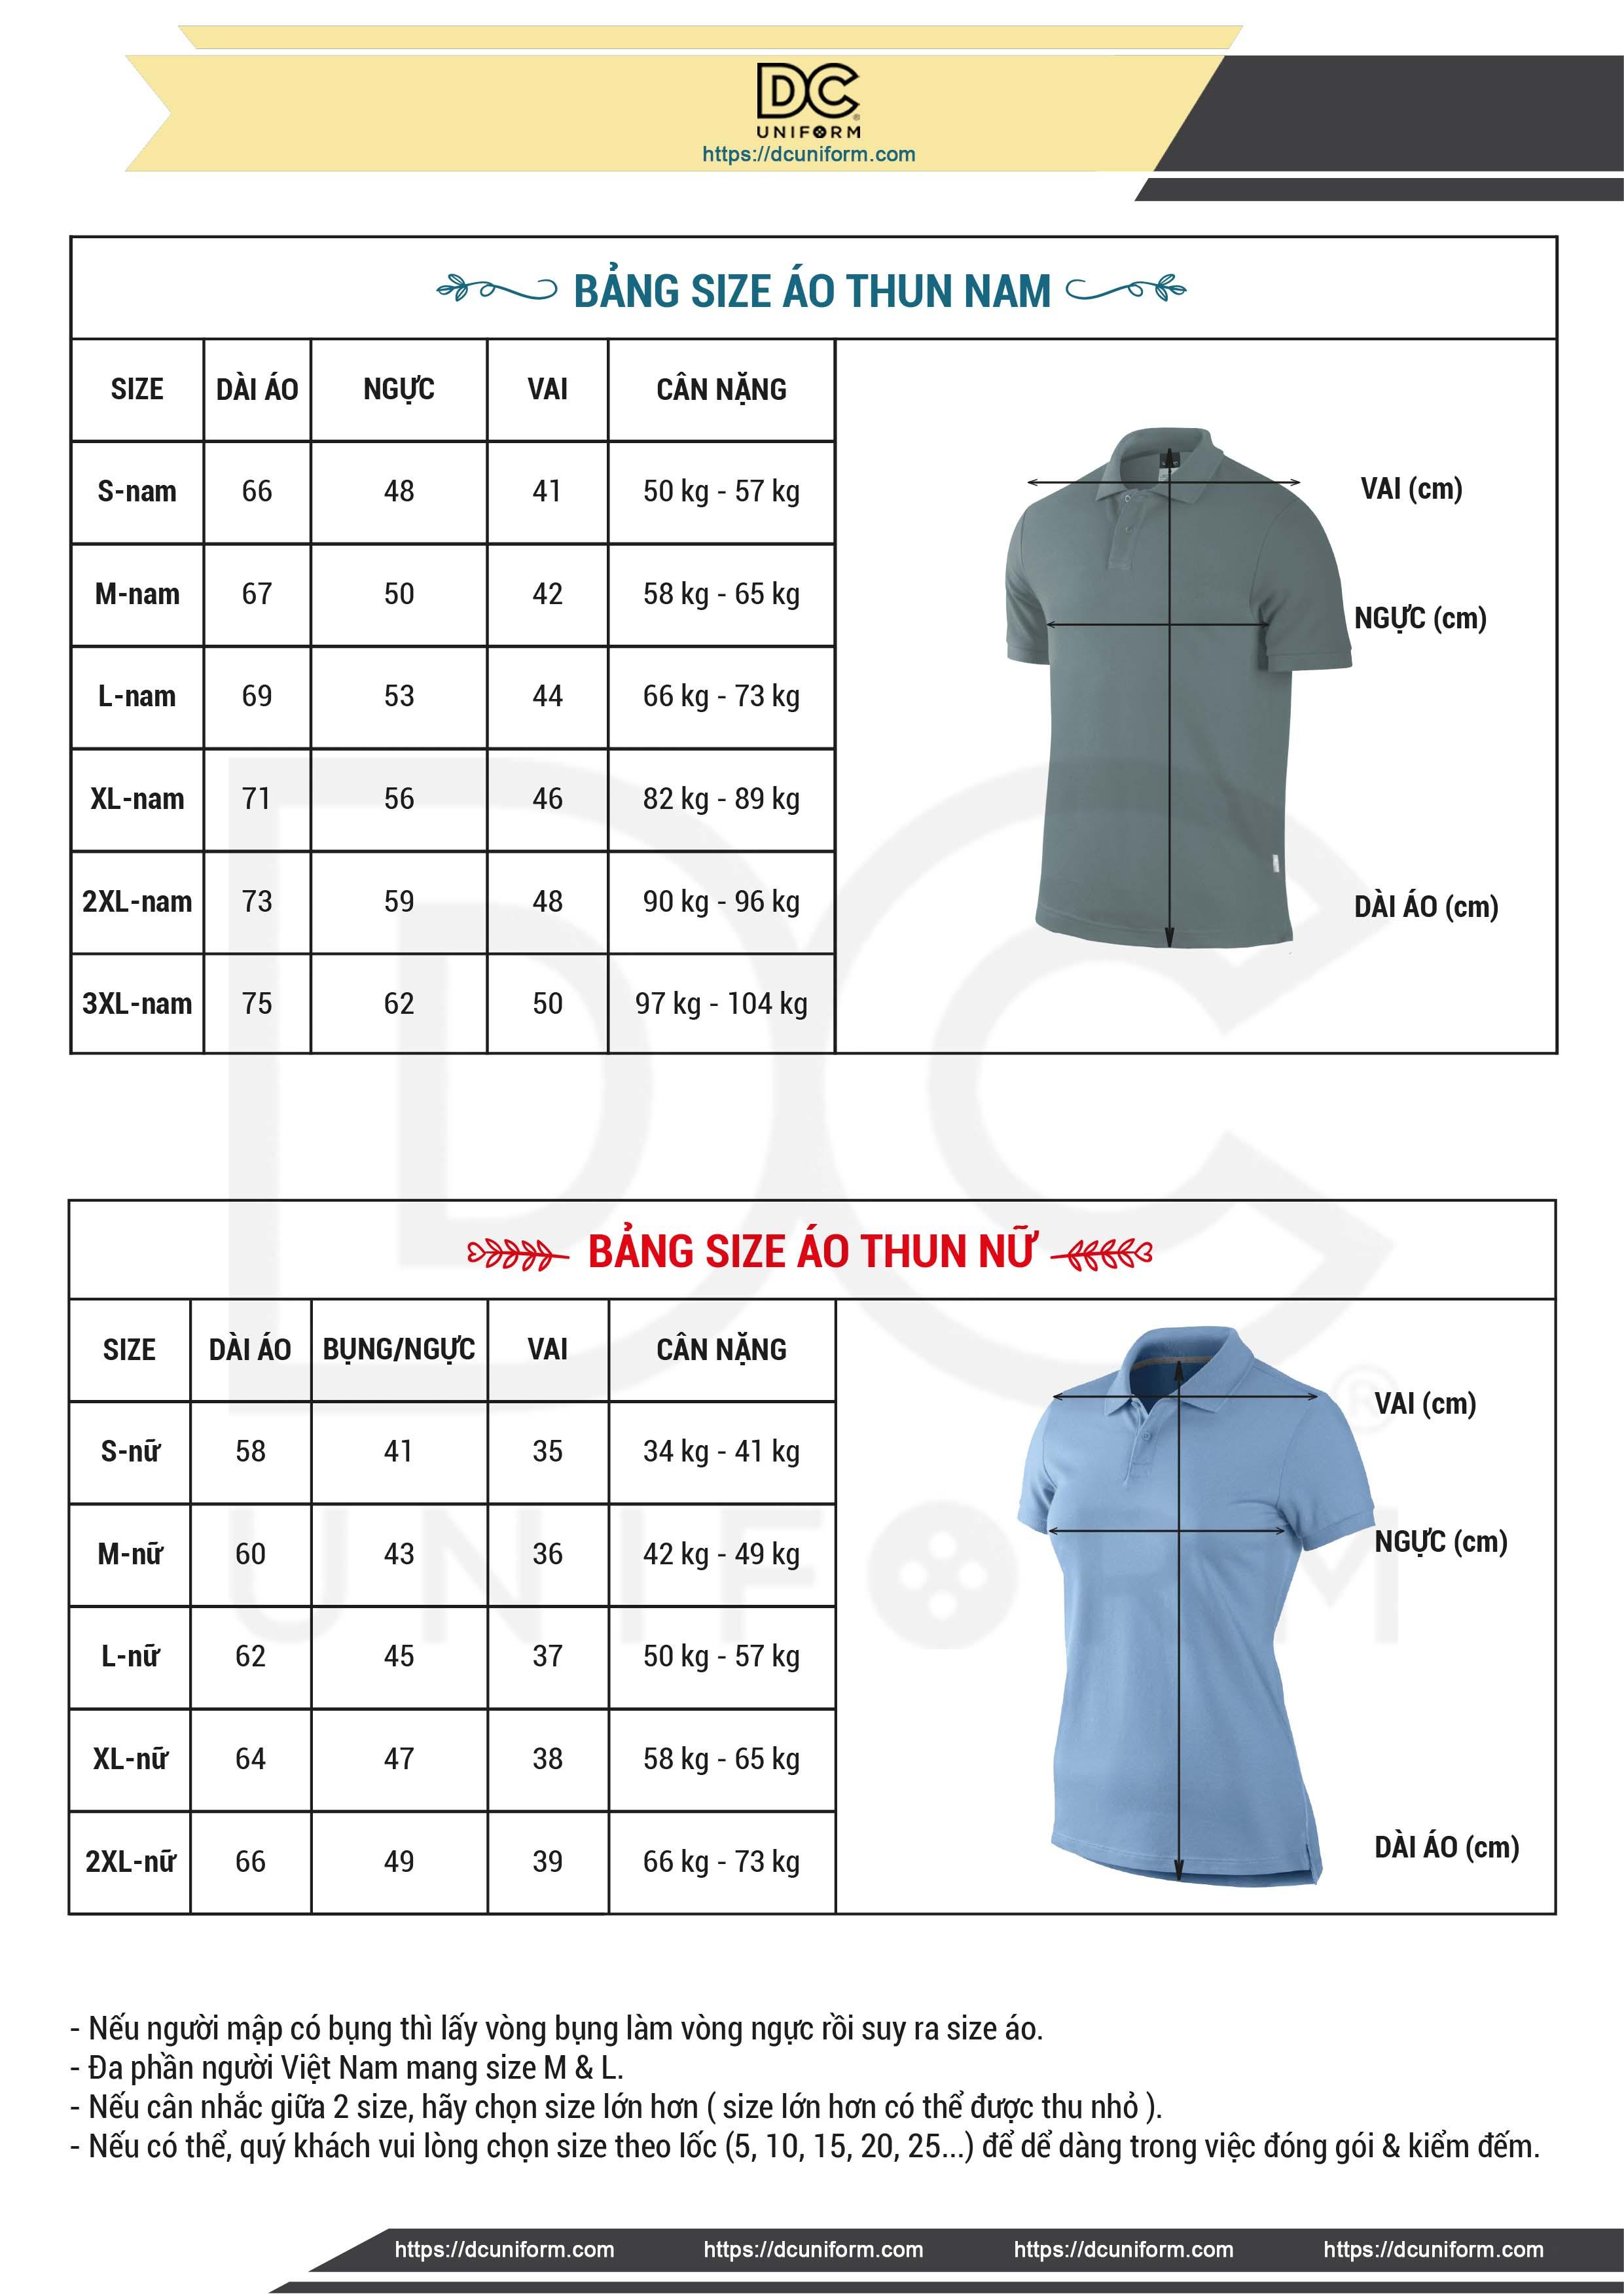 May đồng phục DCUniform bảng size áo thun đồng phục chuẩn